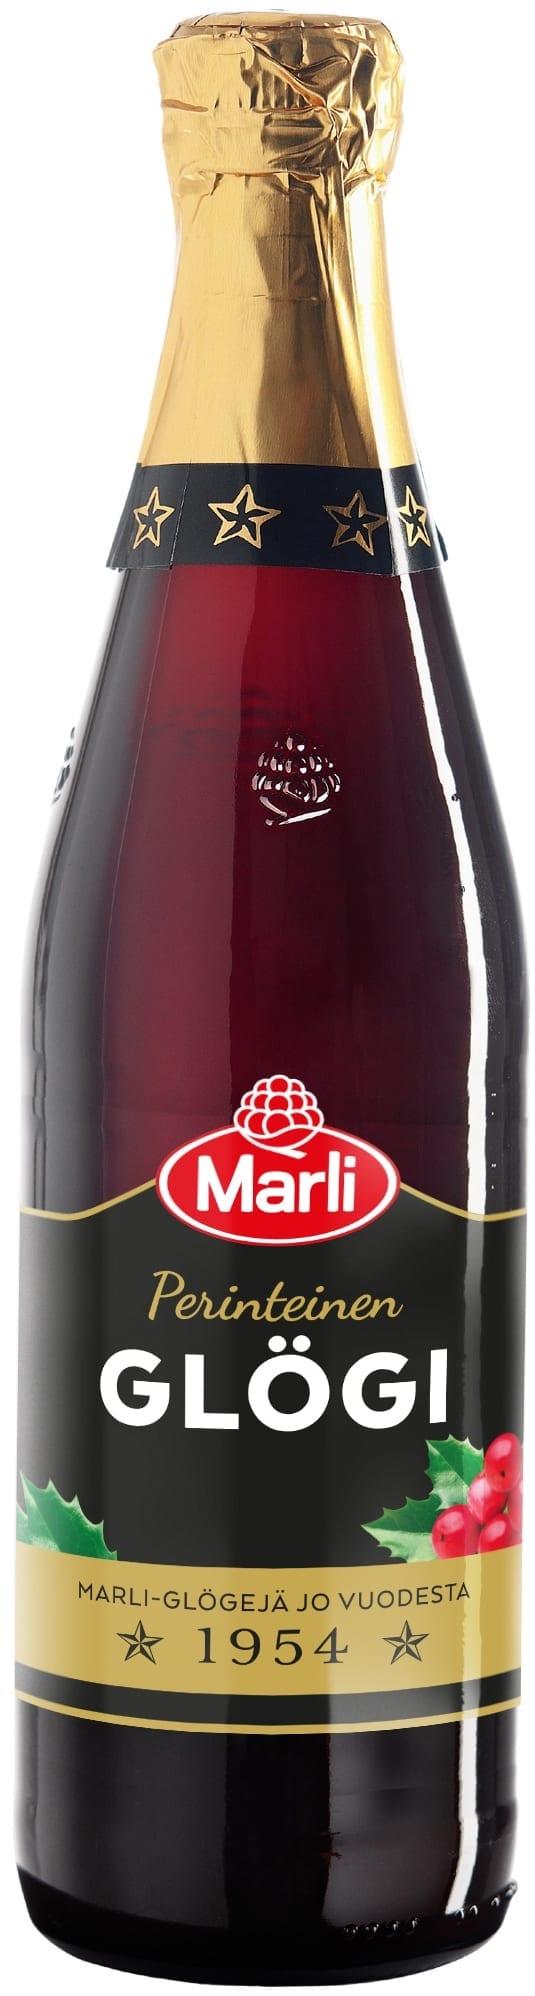 marli glogg syrup